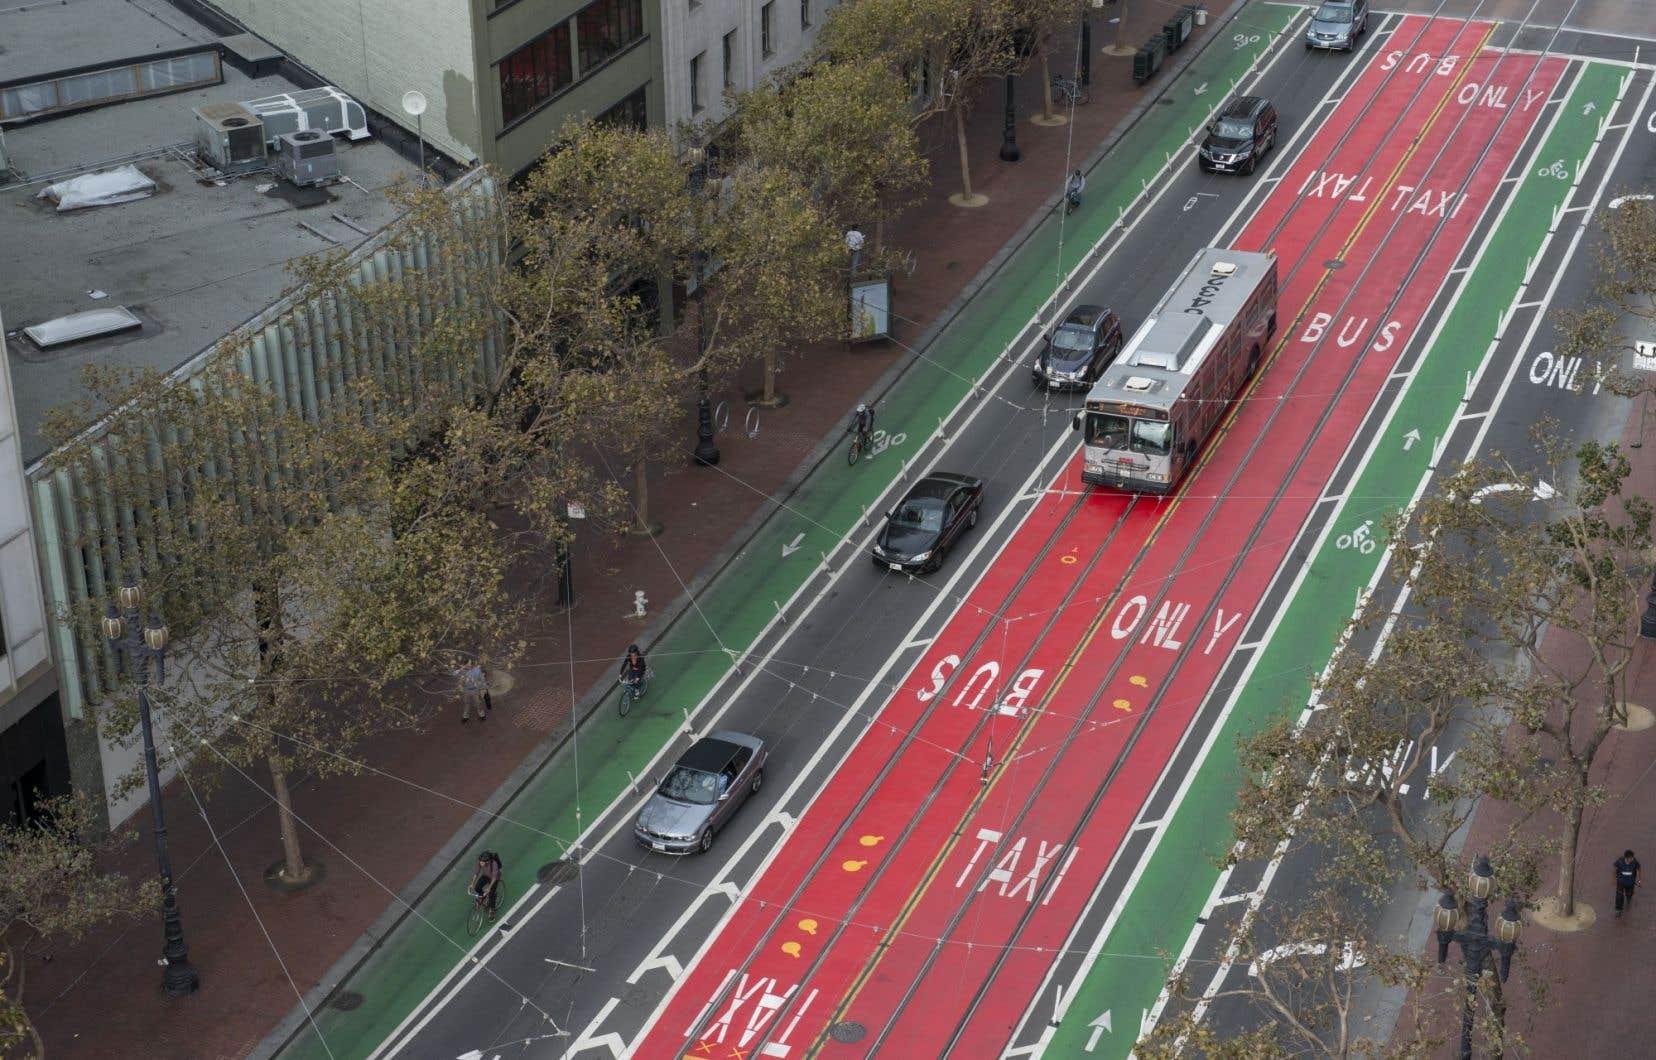 Embarquement permis à toutes les portes, feux de circulation synchronisés et voies réservées en rouge vif figurent parmi les mesures qui ont permis de décrisper le transport collectif à San Francisco.